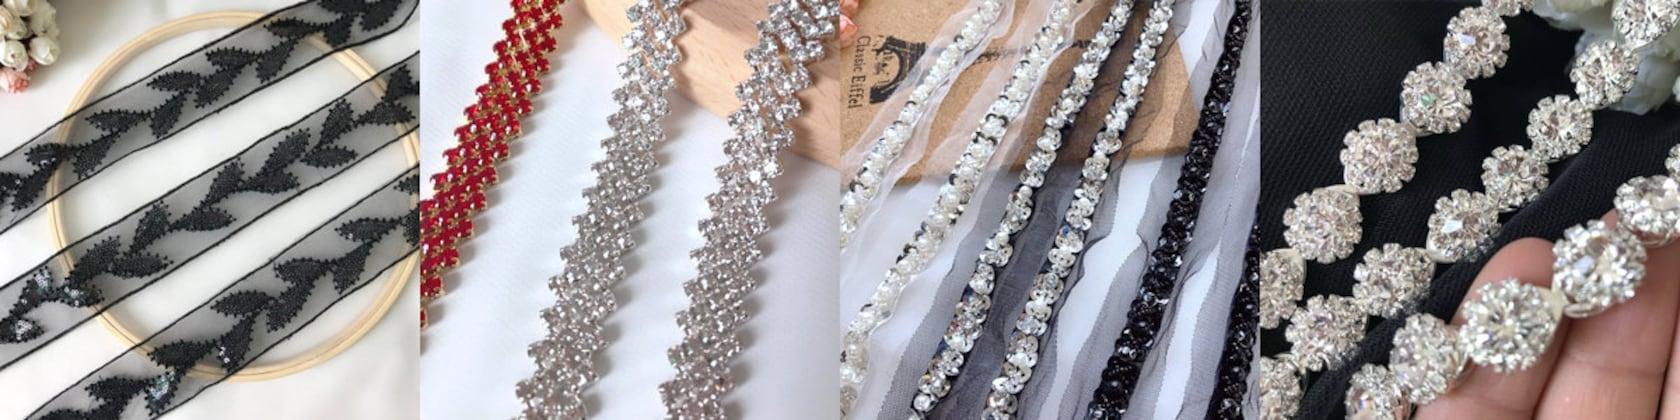 1 Yard Rhinestone Chain Bridal Trim Fringe Crystal Clear Applique Rhinestone Trim Embellish for DIY Wedding Accessories Bag Decor Flower Girl Basket Bridal Dress Belt Sash Multicolored